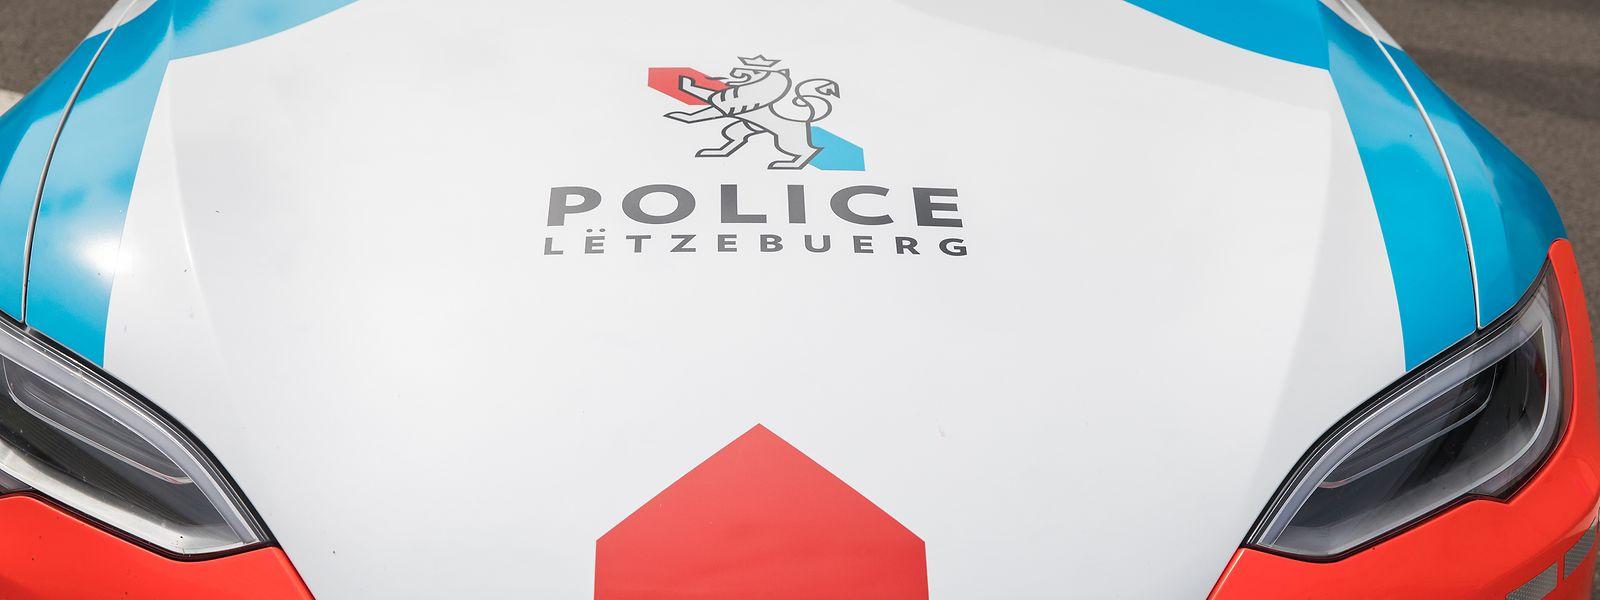 Der Polizei wurden in den vergangenen Tagen wieder vermehrt Anrufe von Betrügern gemeldet.